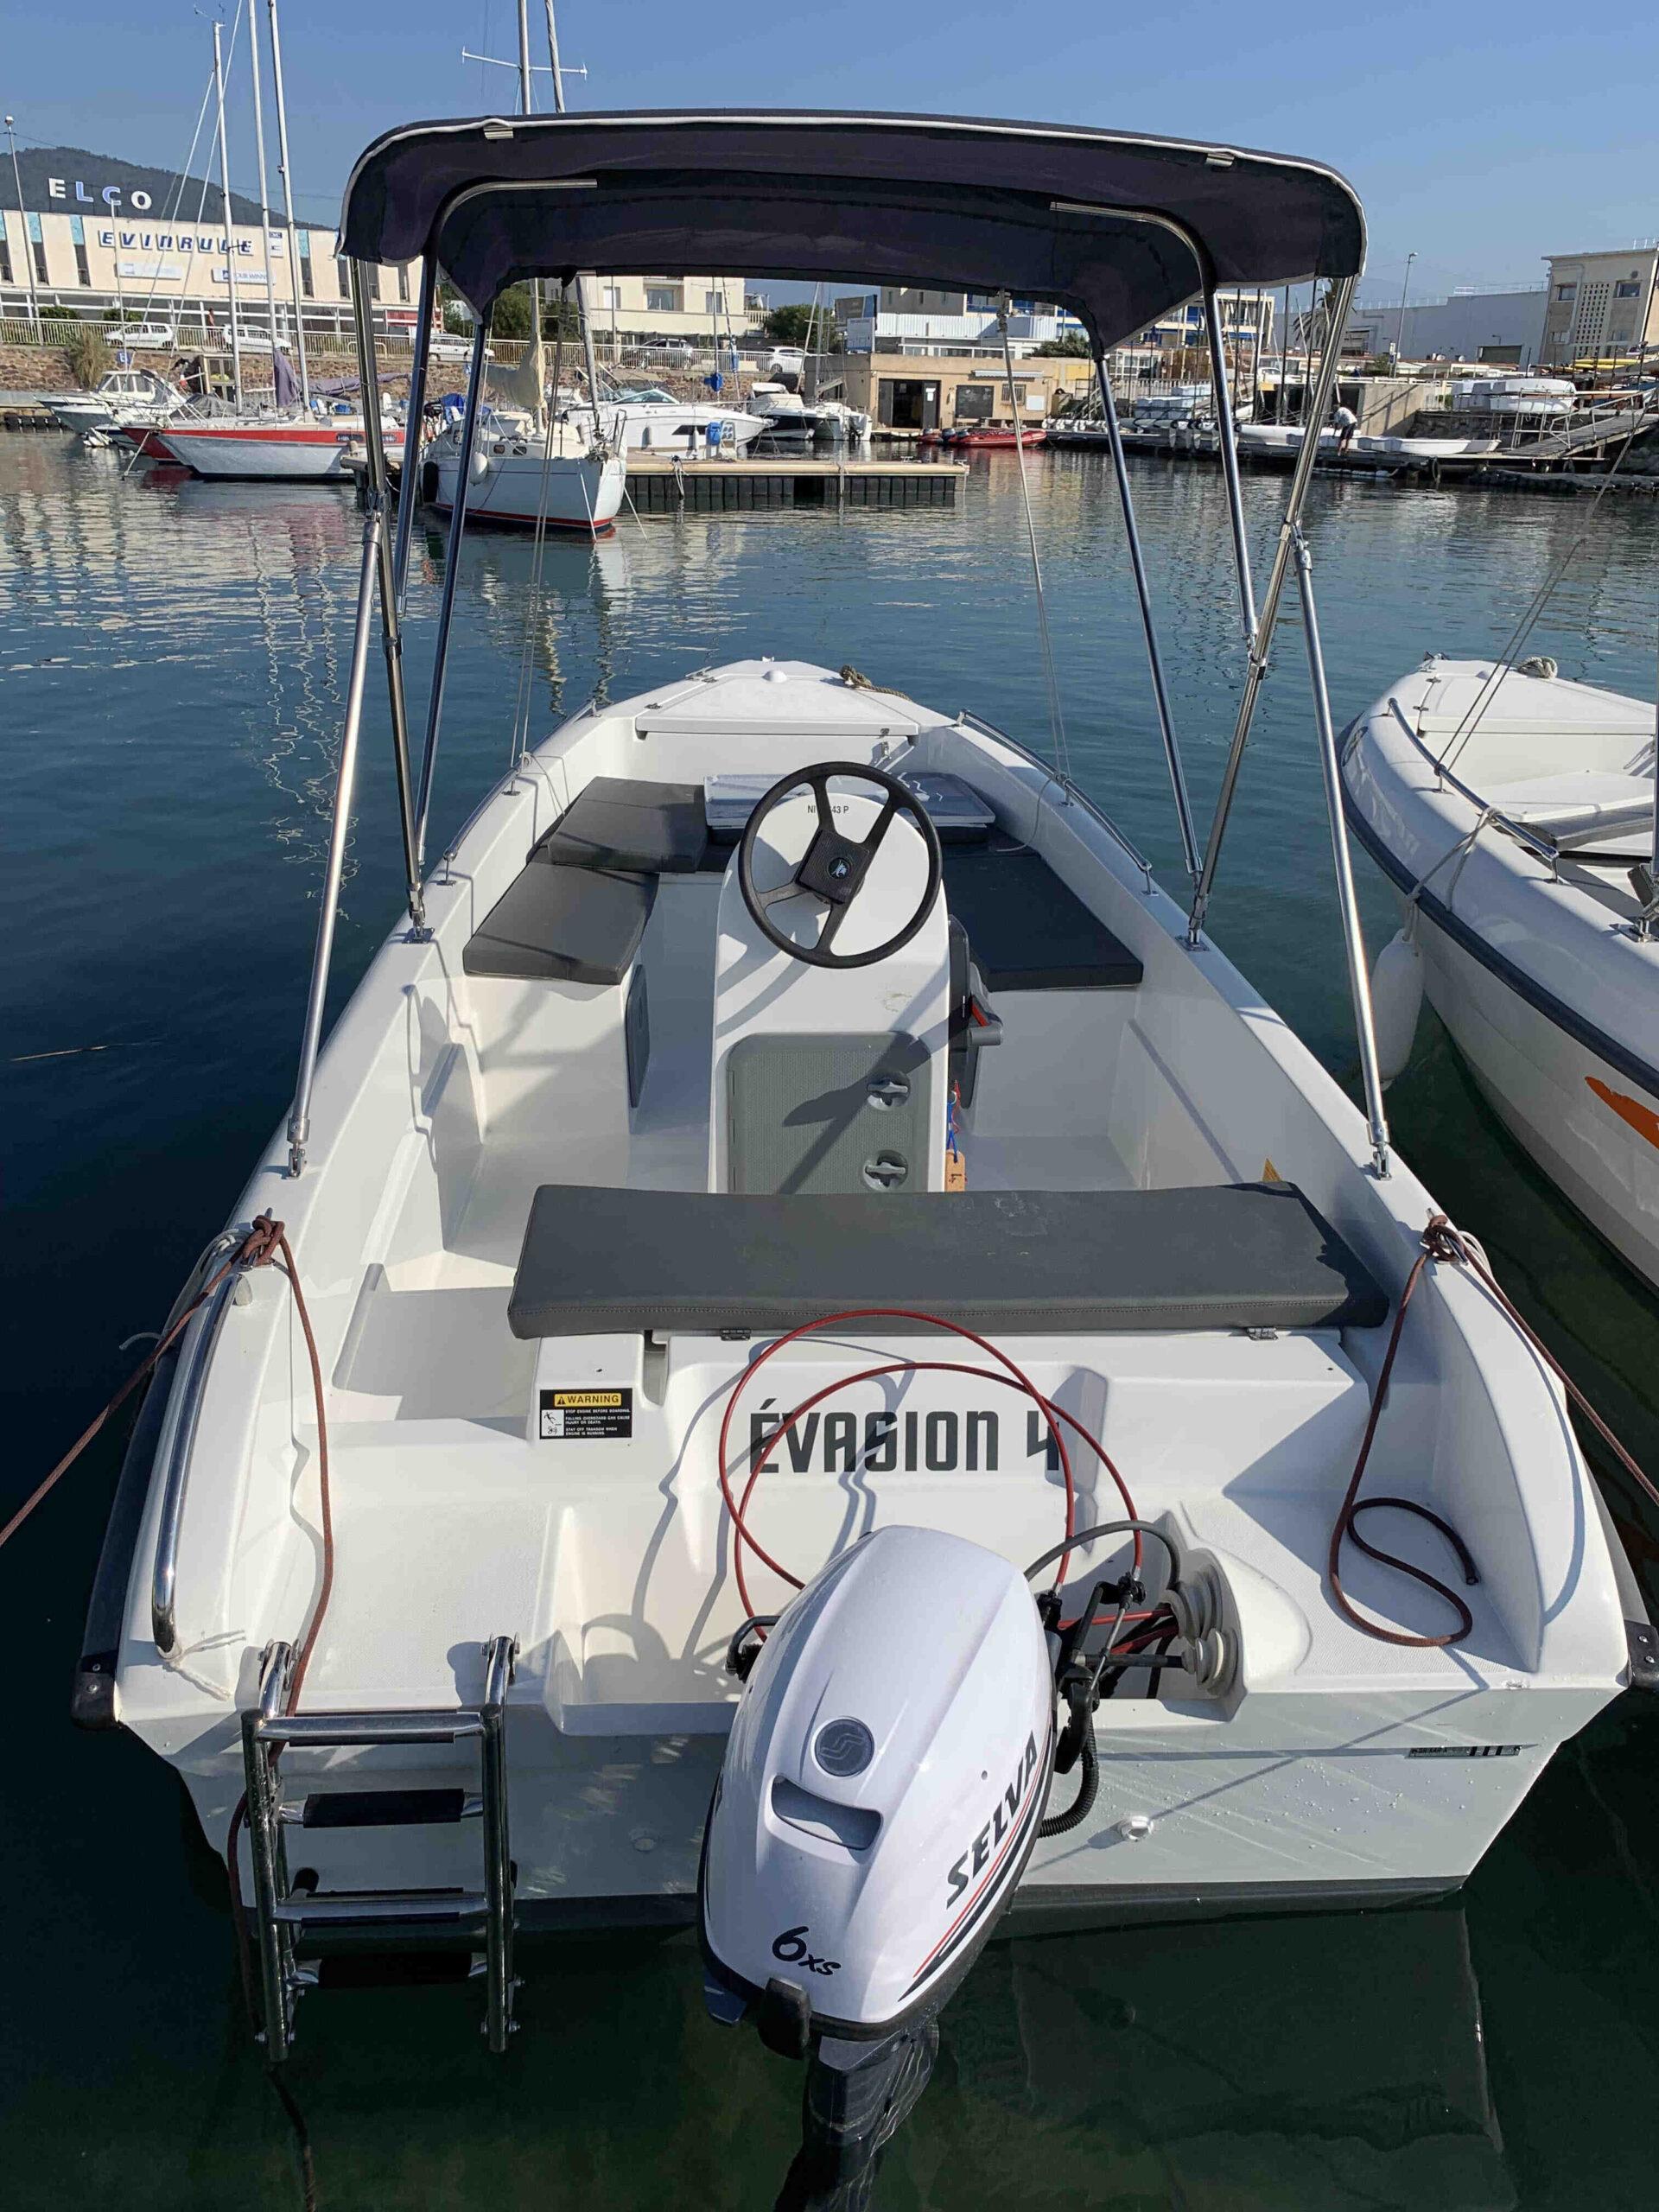 Quelle licence pour un bateau à moteur?